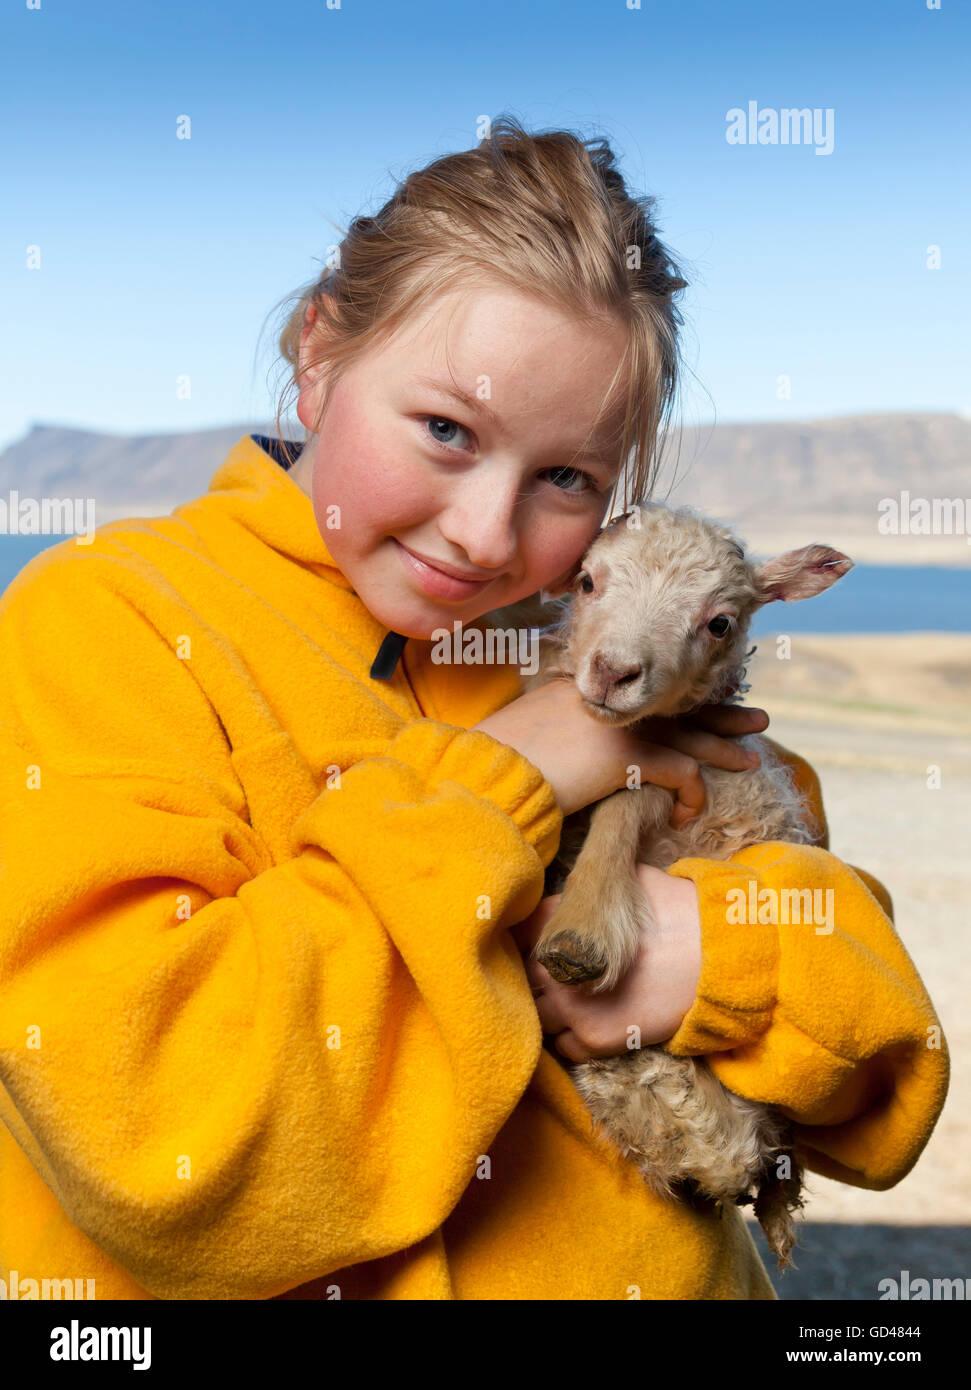 Chica sujetando un cordero recién nacido, Islandia Imagen De Stock